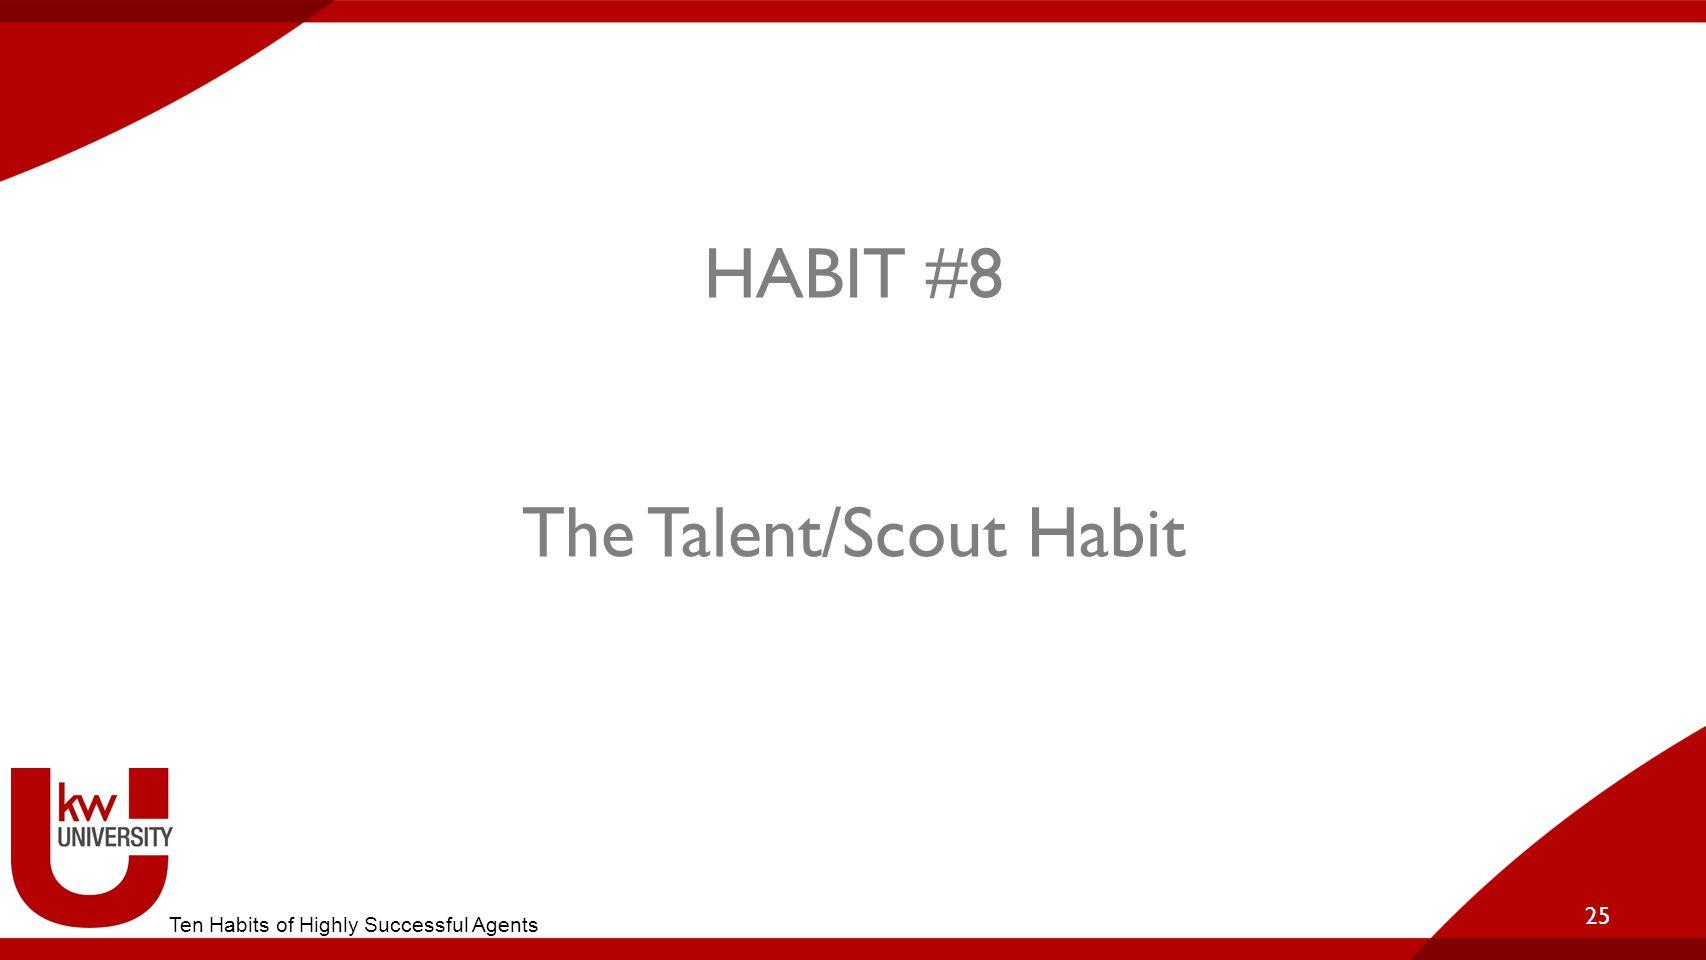 HABIT #8 The Talent/Scout Habit